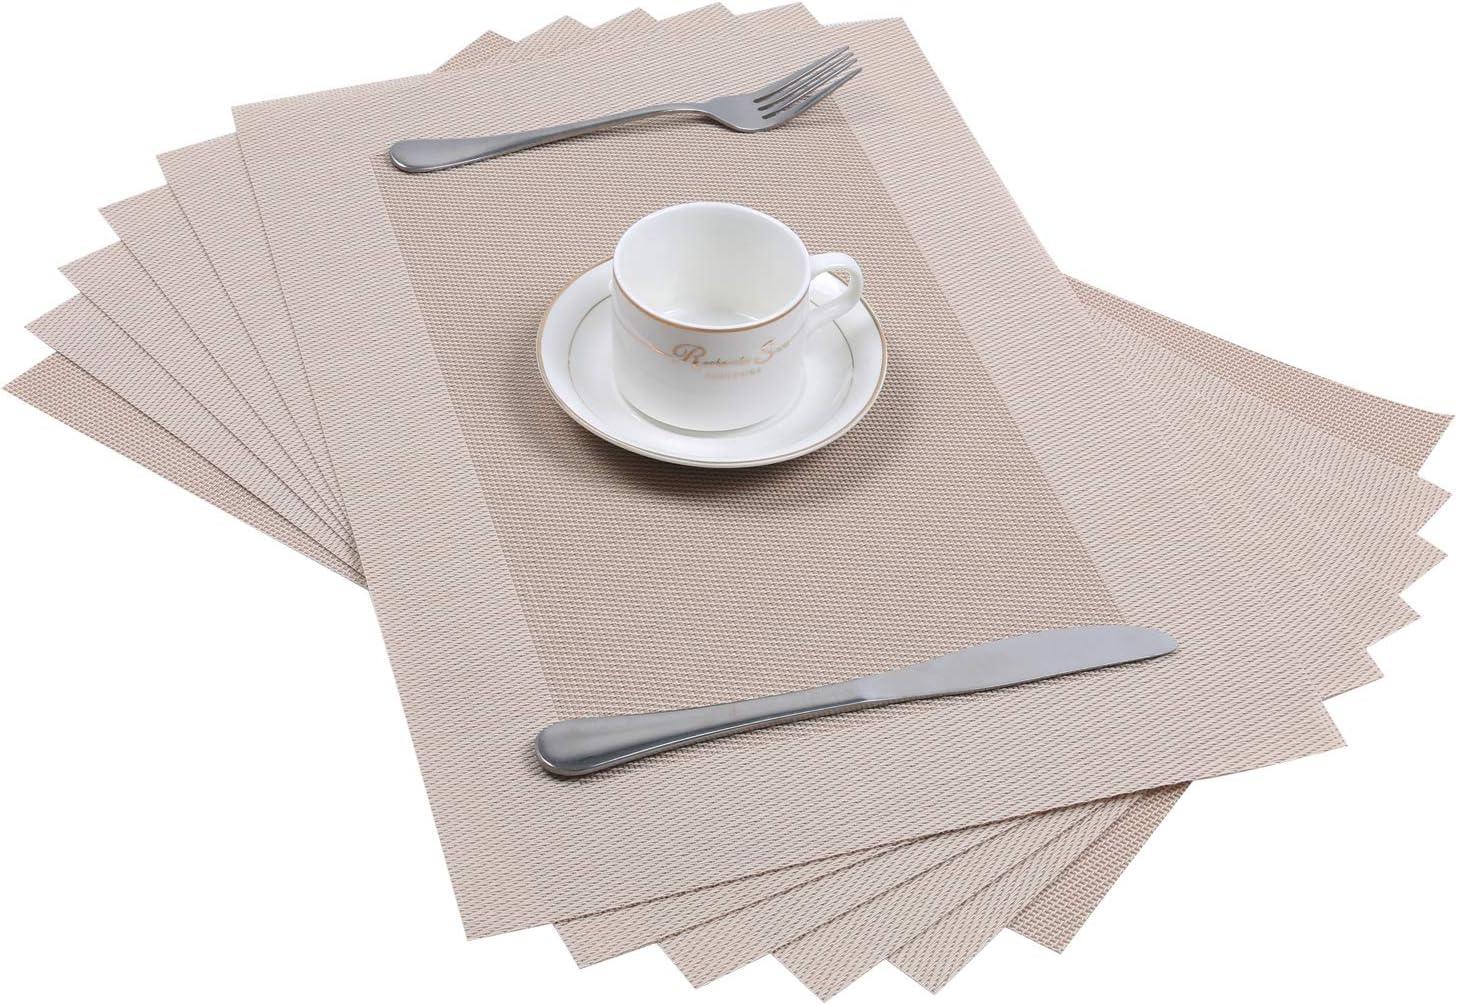 45*30cm Beige Pauwer Sets de Table antid/érapants r/ésistants /à la Chaleur Sets de Table lavables faciles /à Nettoyer Lot de 4